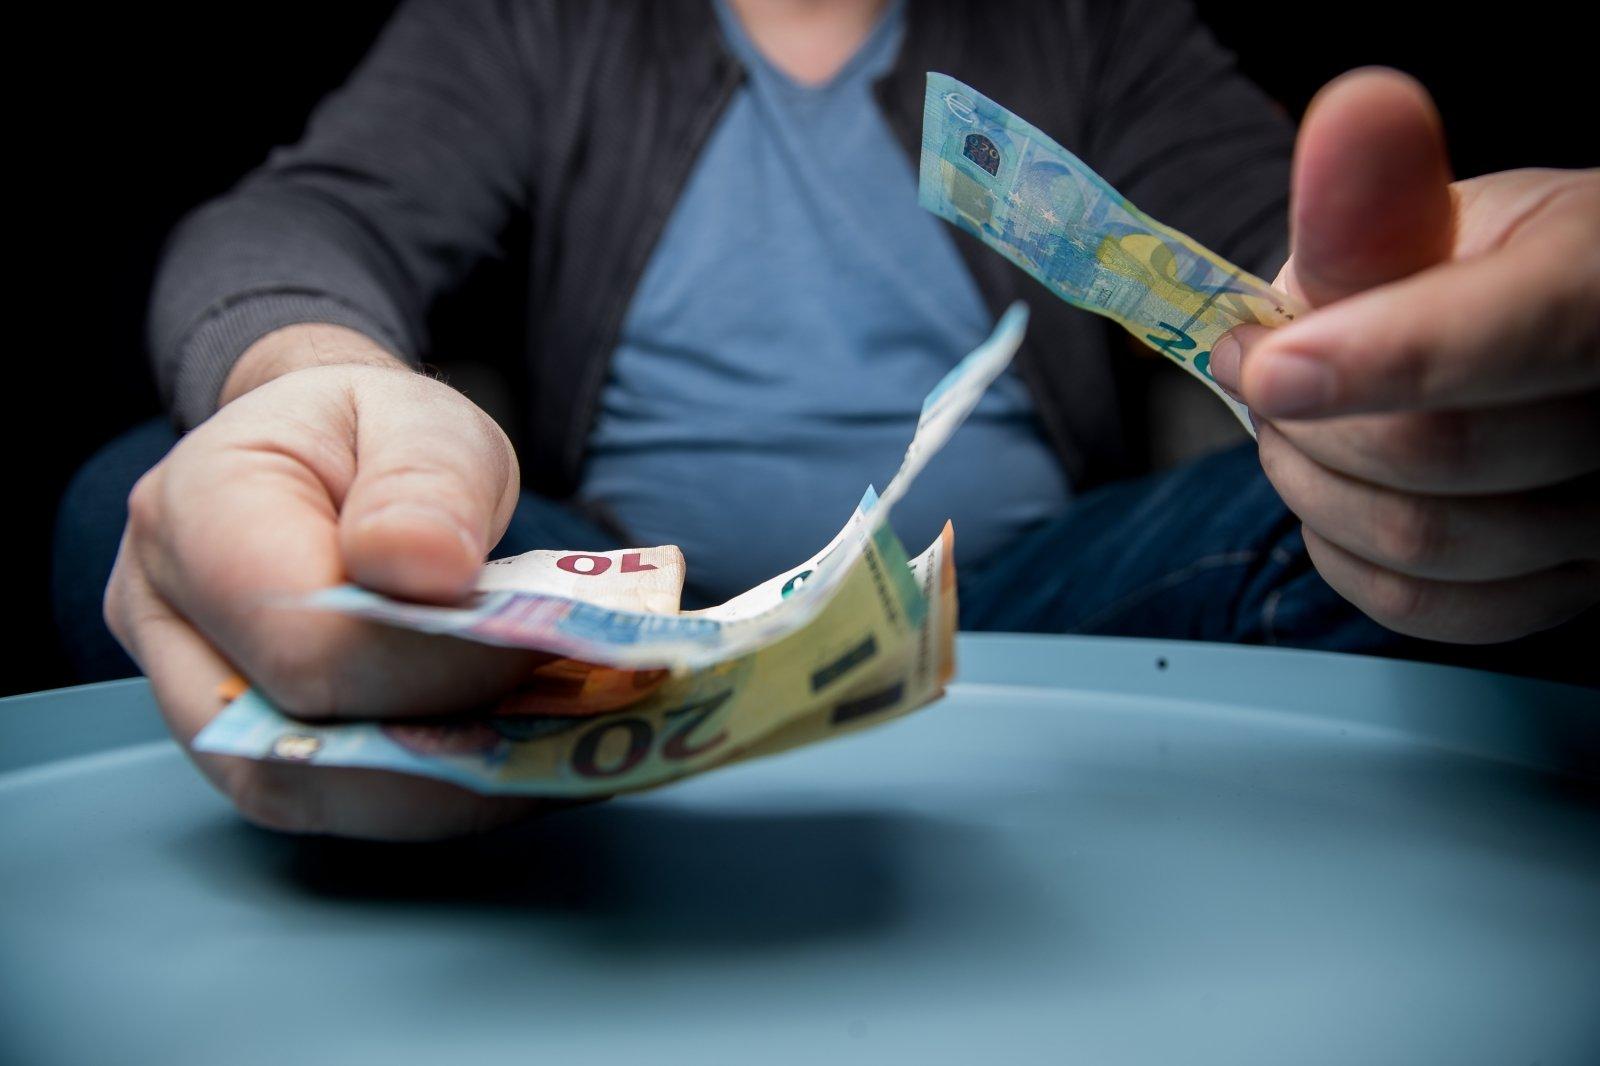 juodųjų uolų prekybos ir likvidumo strategijų atlyginimas